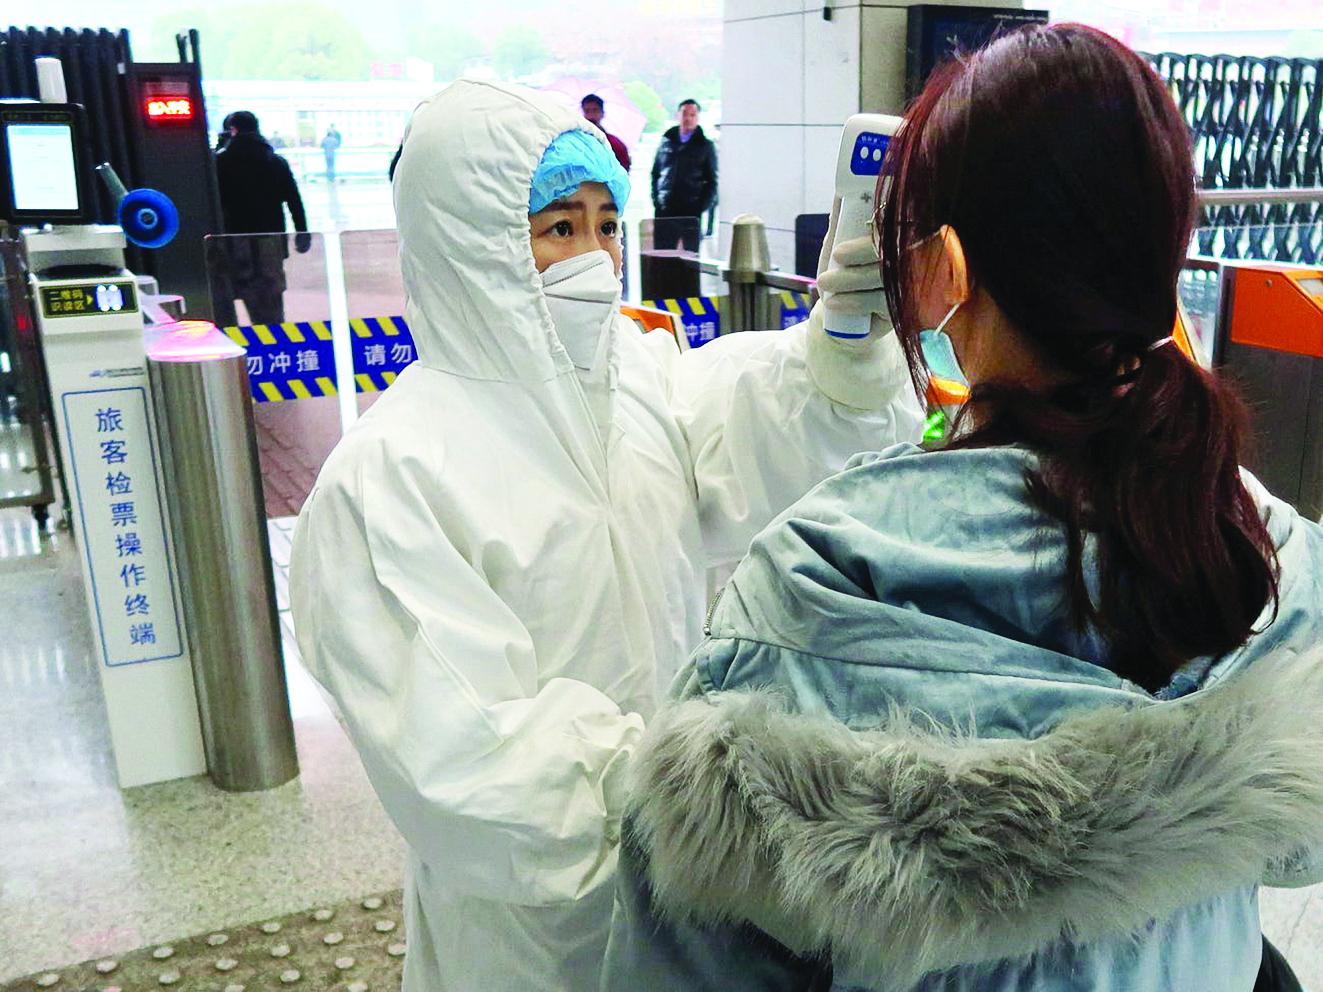 Kiểm tra thân nhiệt hành khách tại một nhà ga Trung Quốc - ẢNH: REUTERS